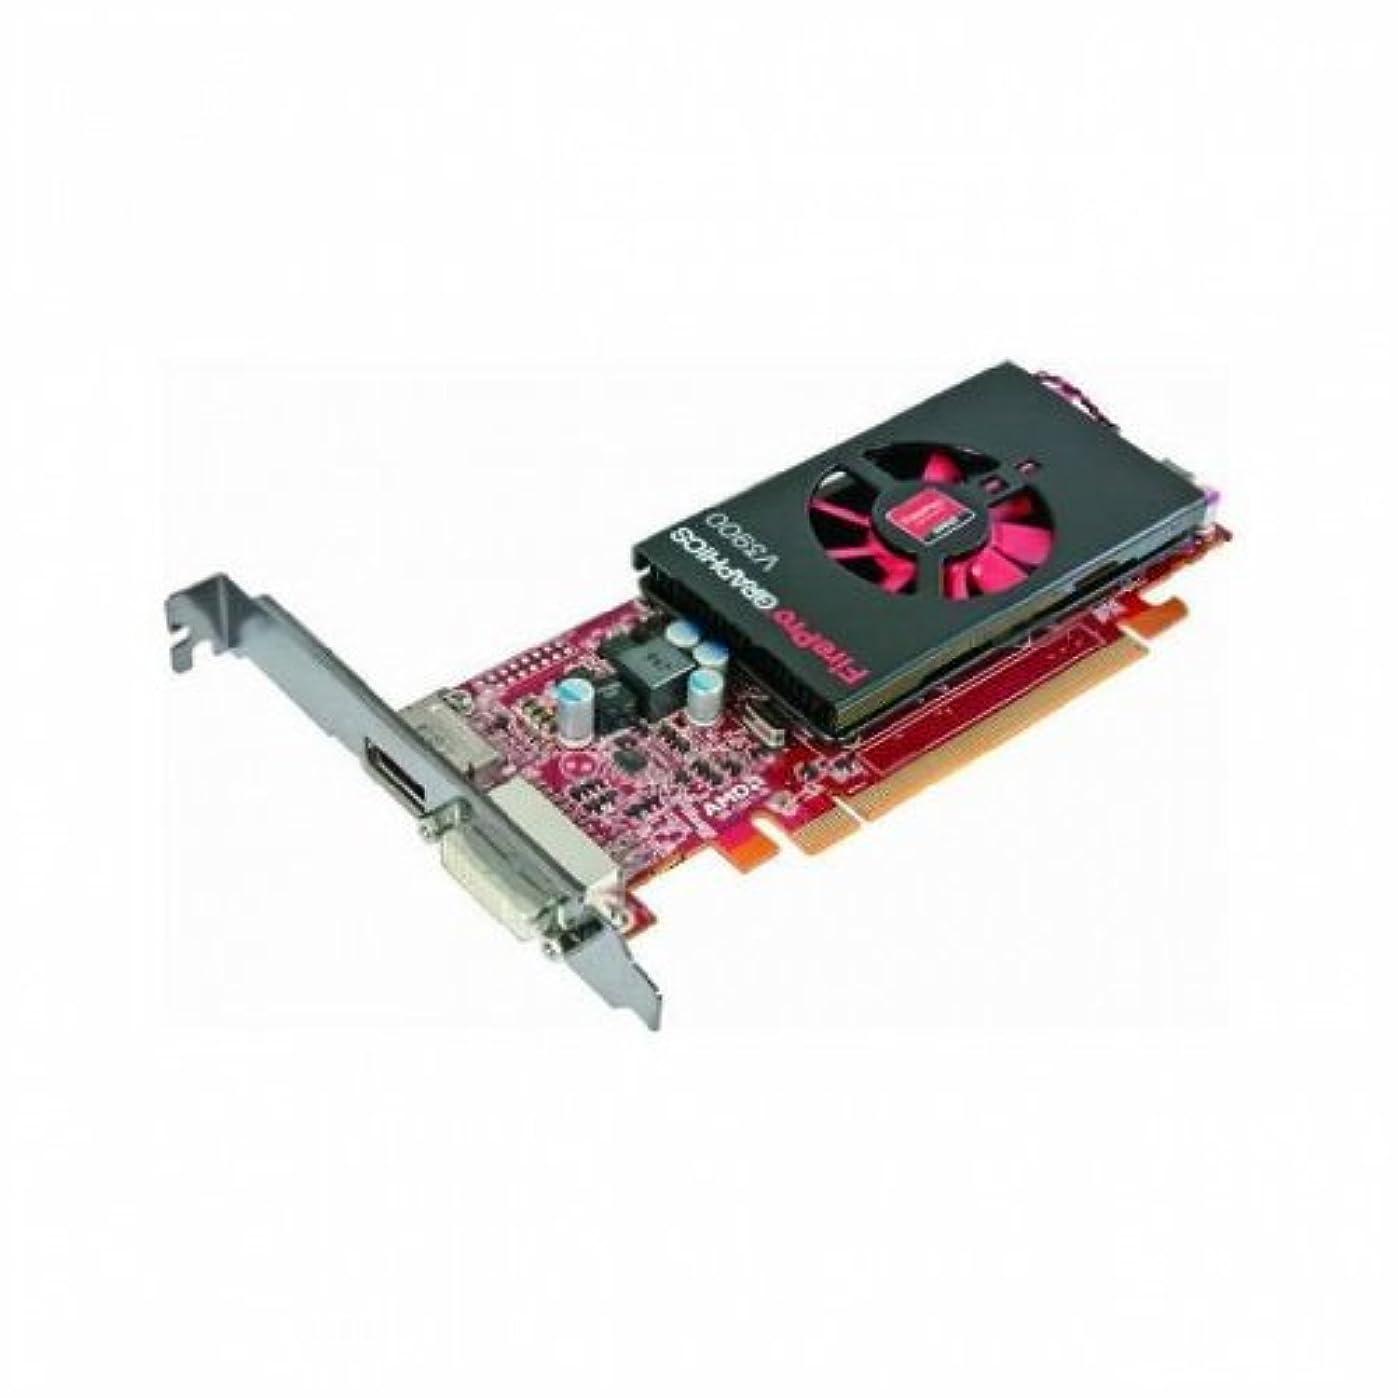 遠征煩わしい必需品ATI FirePro v3900 1 GB ddr3 DVI / DisplayPort PCI - Expressビデオカード